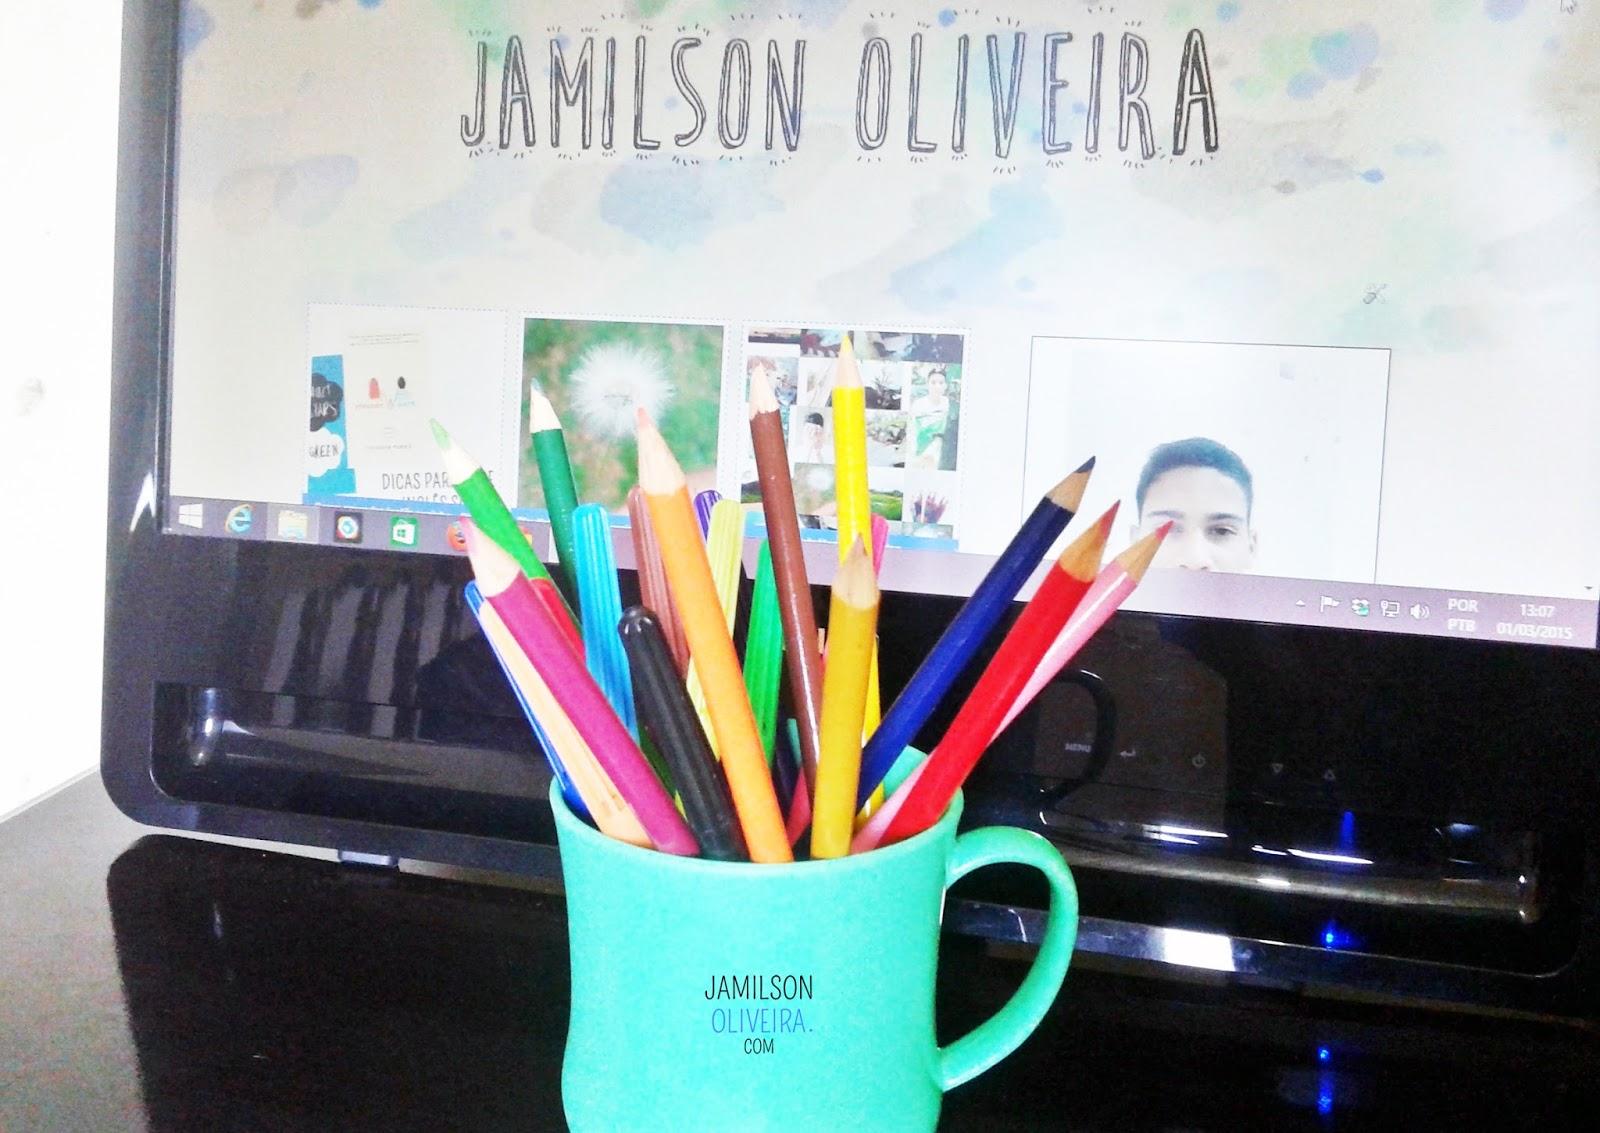 Como usar xícaras e copos para decoração - Jamilson Oliveira Blog